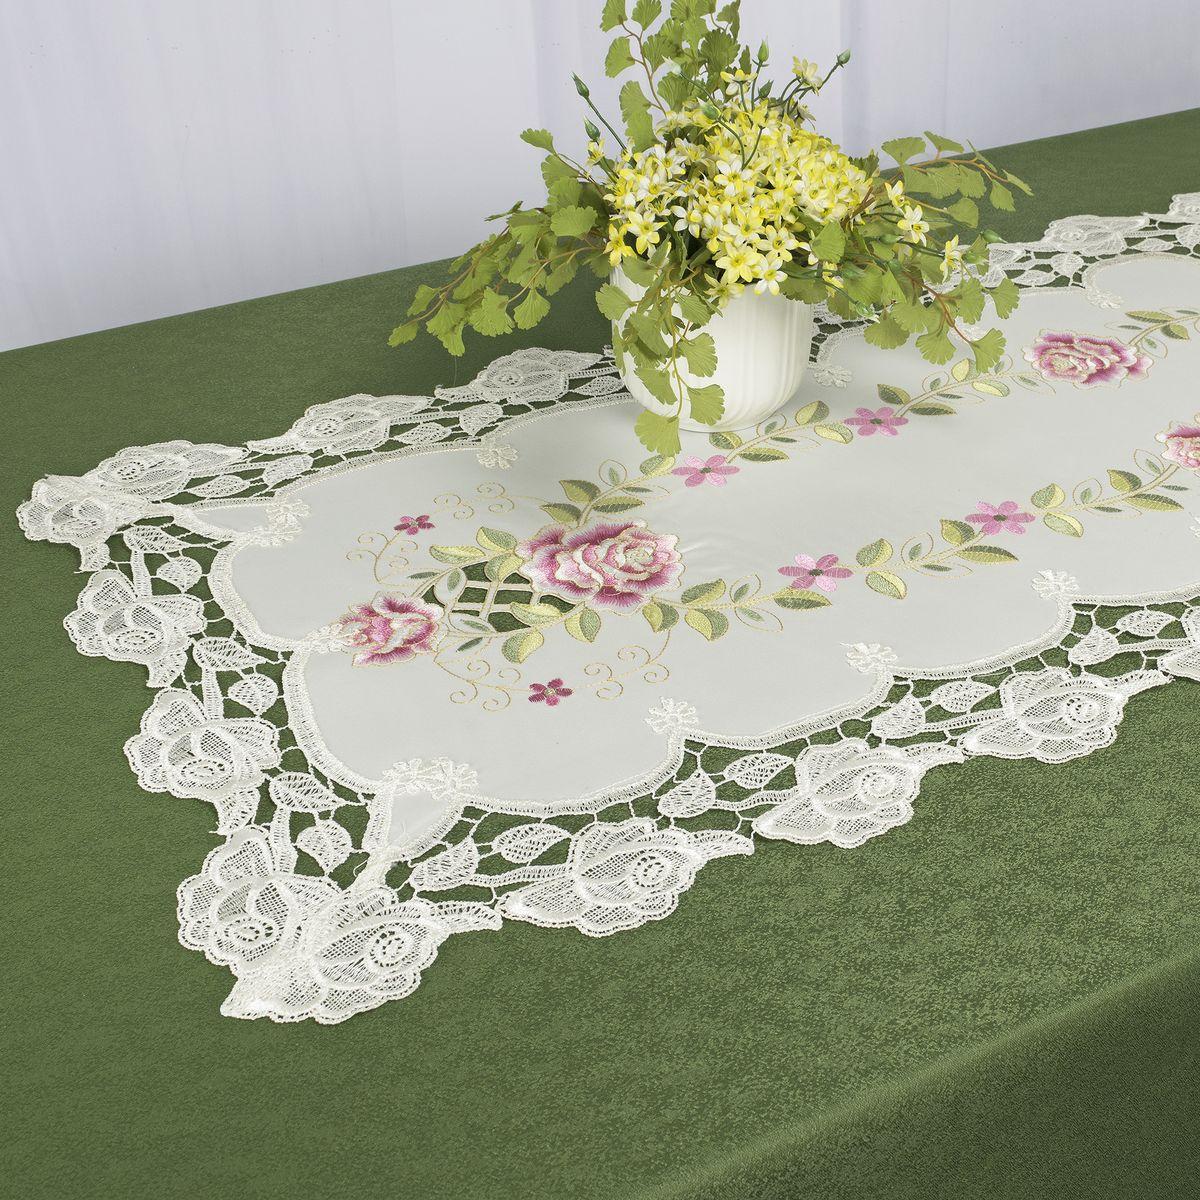 Дорожка для декорирования стола Schaefer, 40 x 110 см, цвет: белый. 07686-23307686-233Дорожка для декорирования стола Schaefer может быть использована, как основной элемент, так и дополнение для создания уюта и романтического настроения.Дорожка выполнена из полиэстера. Изделие легко стирать: оно не мнется, не садится и быстро сохнет, более долговечно, чем изделие из натуральных волокон.Материал: 100% полиэстер.Размер: 40 x 110 см